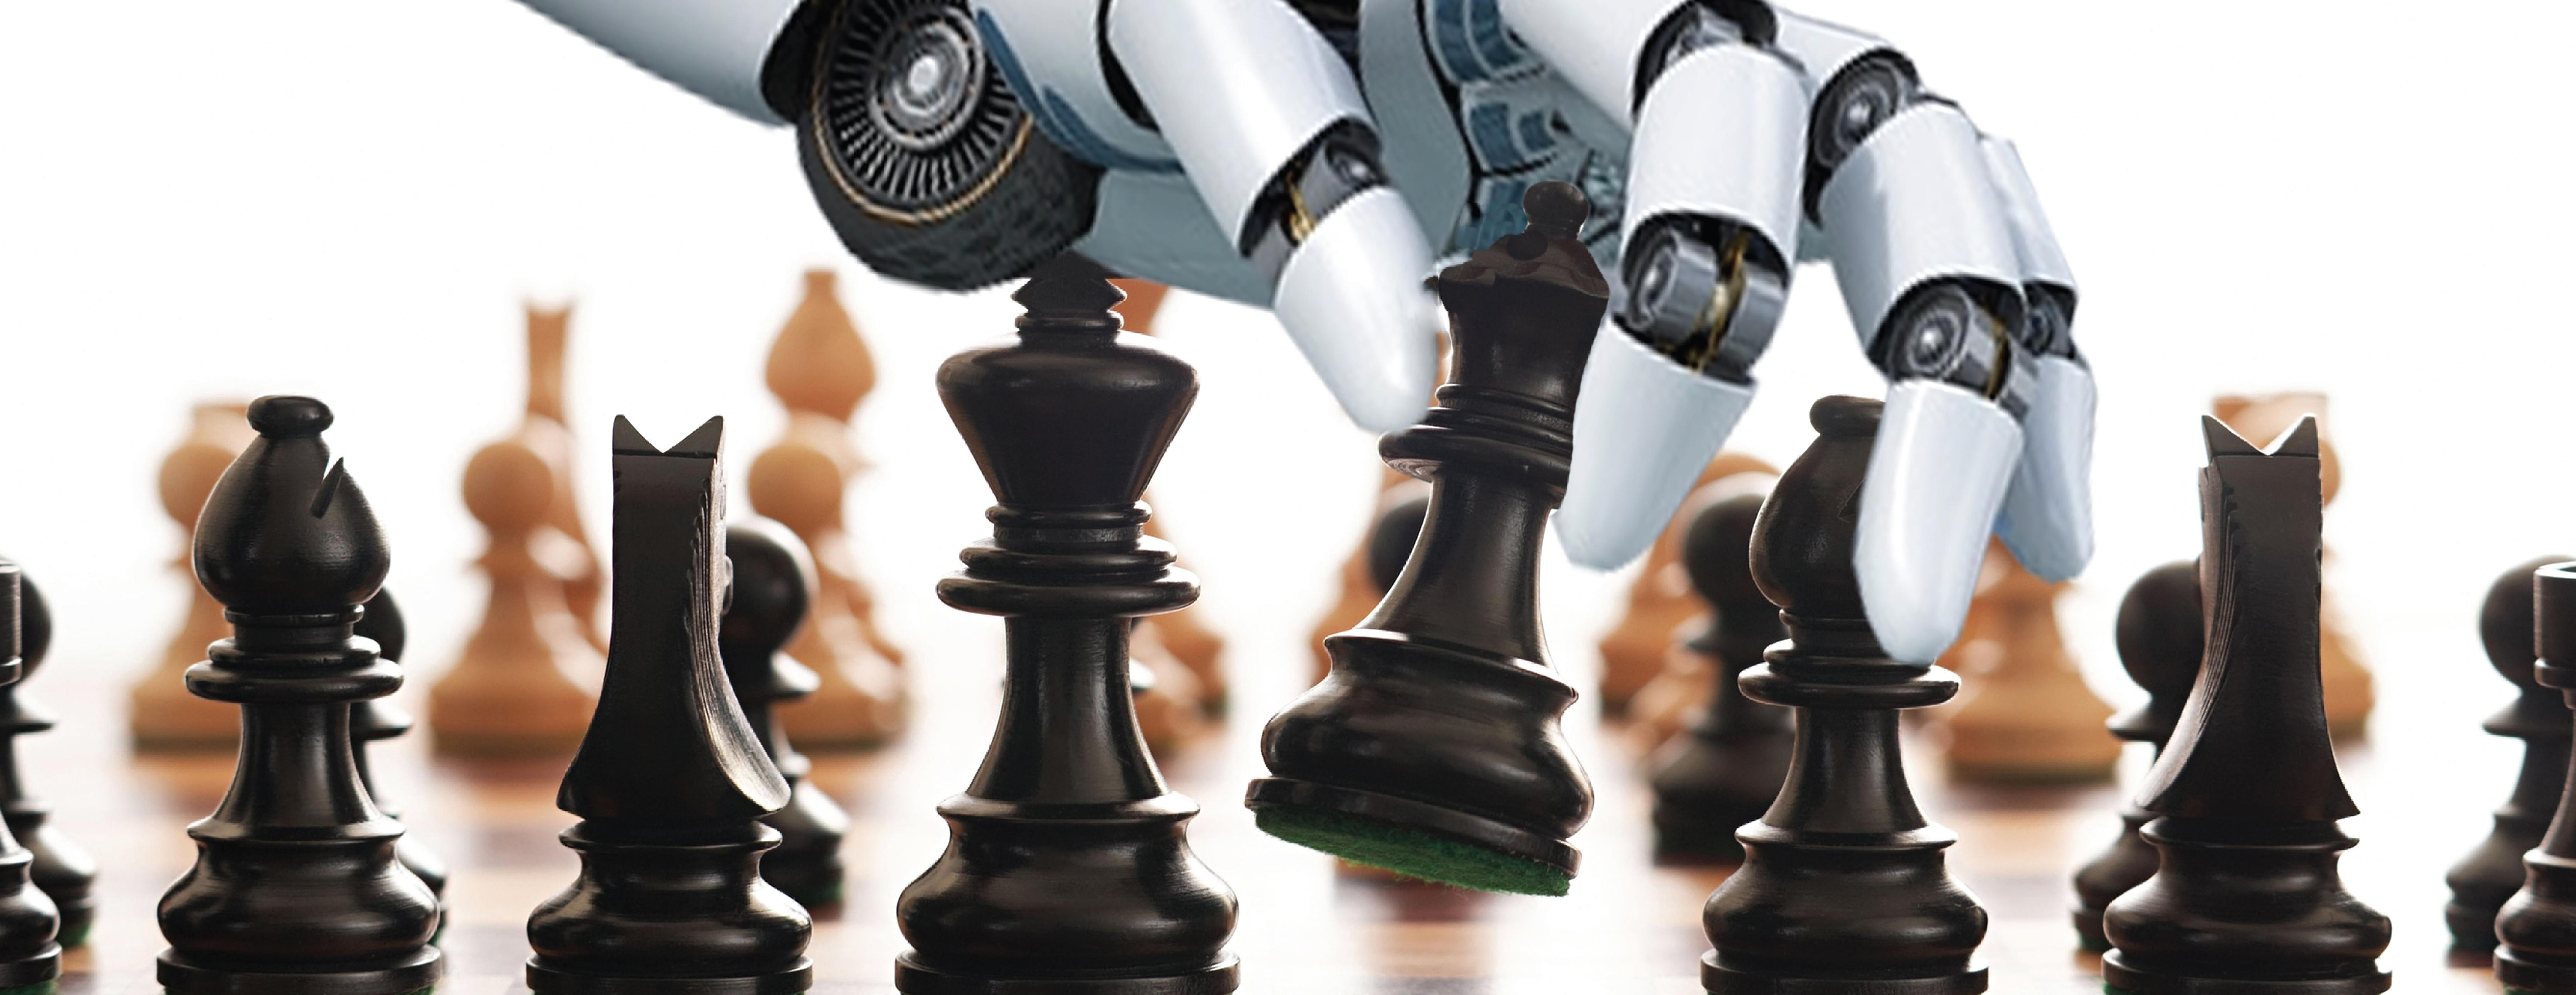 Um robô jogando xadrez ilustra o que é machine learning